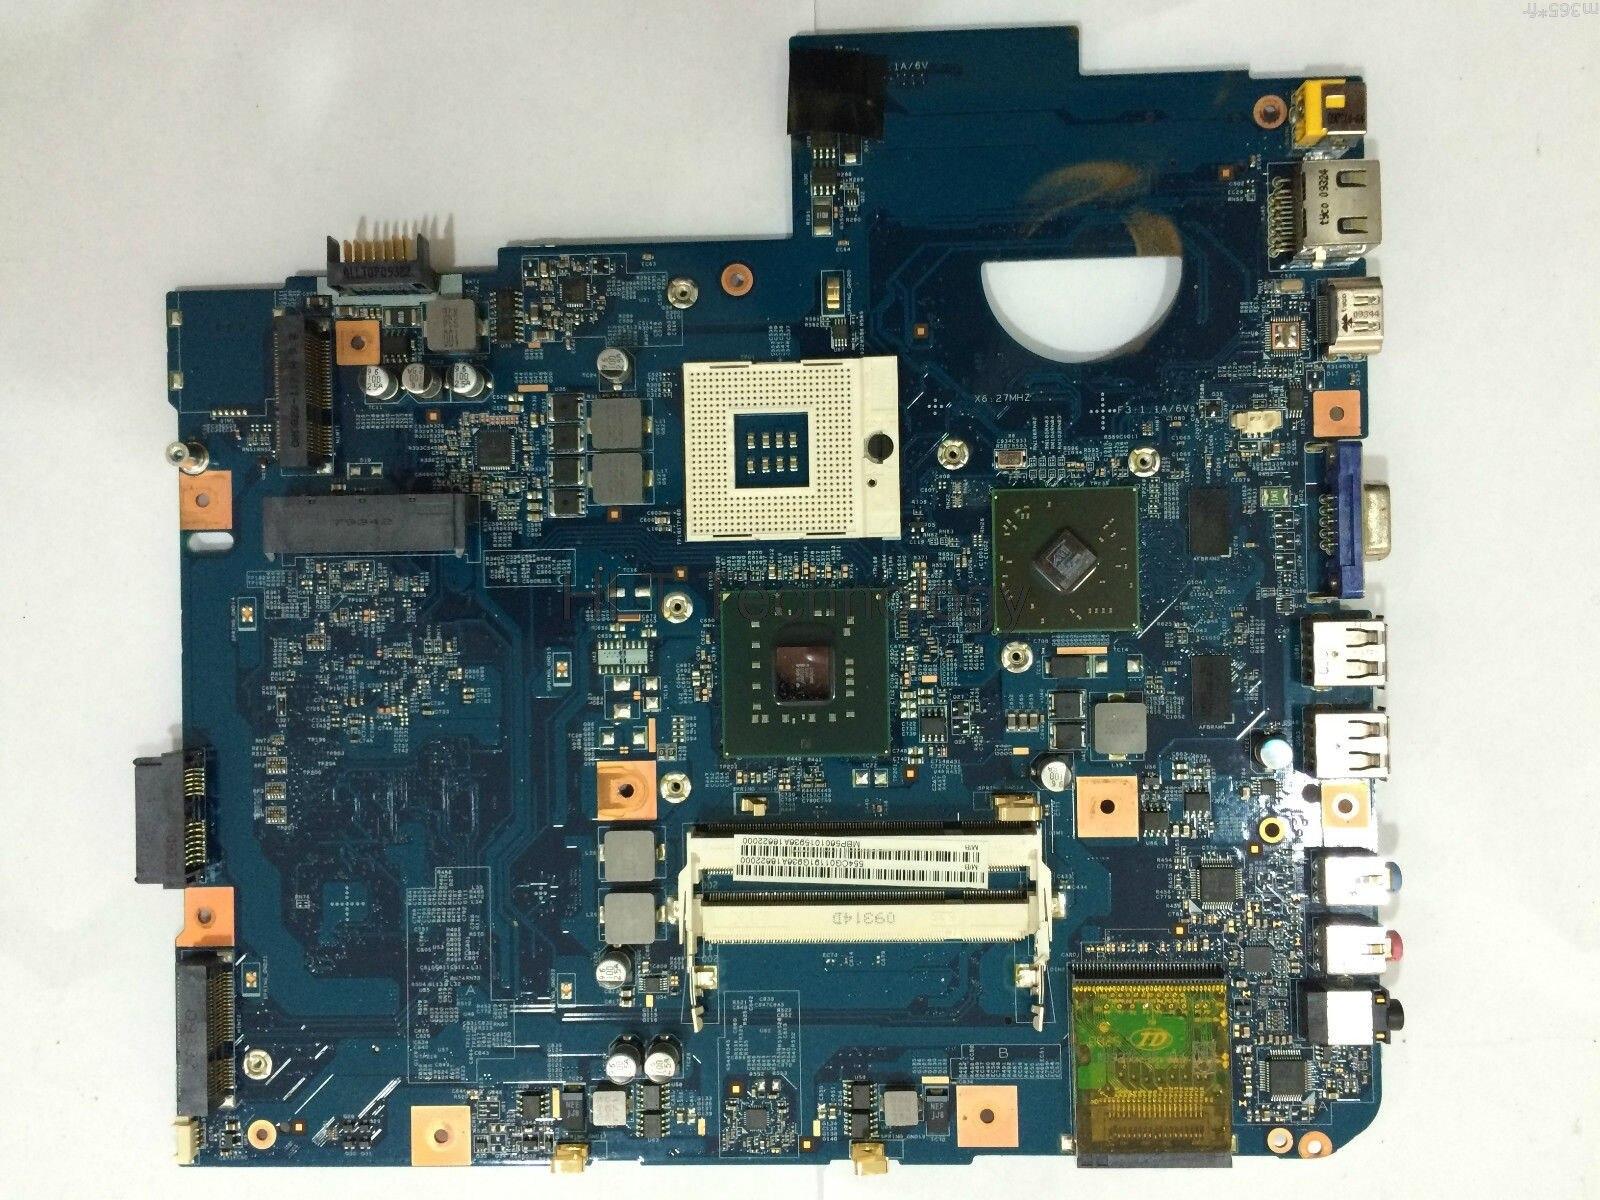 HOLYTIME Scheda Madre Del Computer Portatile Per Acer 5738 JV50-MV 08245-1 MBP5601015 MBPKE01001 48.4CG07.011 GM45 DDR2 HD4500 Testati Al 100% okHOLYTIME Scheda Madre Del Computer Portatile Per Acer 5738 JV50-MV 08245-1 MBP5601015 MBPKE01001 48.4CG07.011 GM45 DDR2 HD4500 Testati Al 100% ok